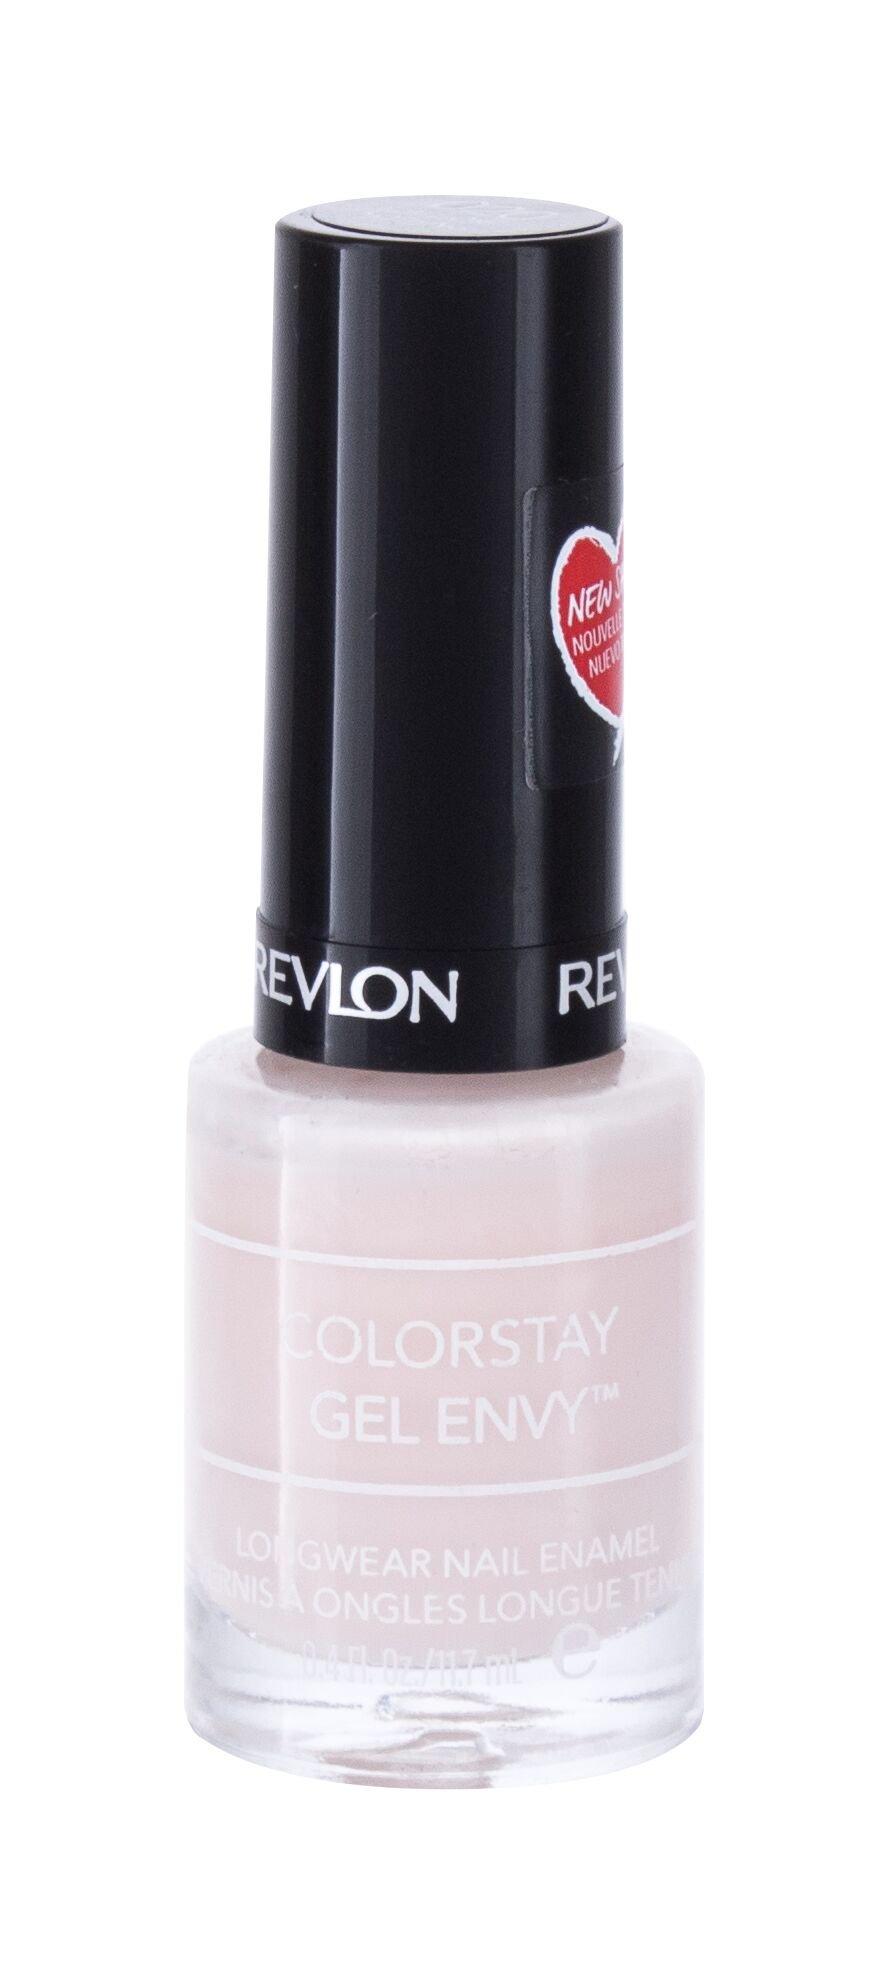 Revlon Colorstay Gel Envy - (020 All Or Nothing) lak na nehty W Objem: 11,7 ml